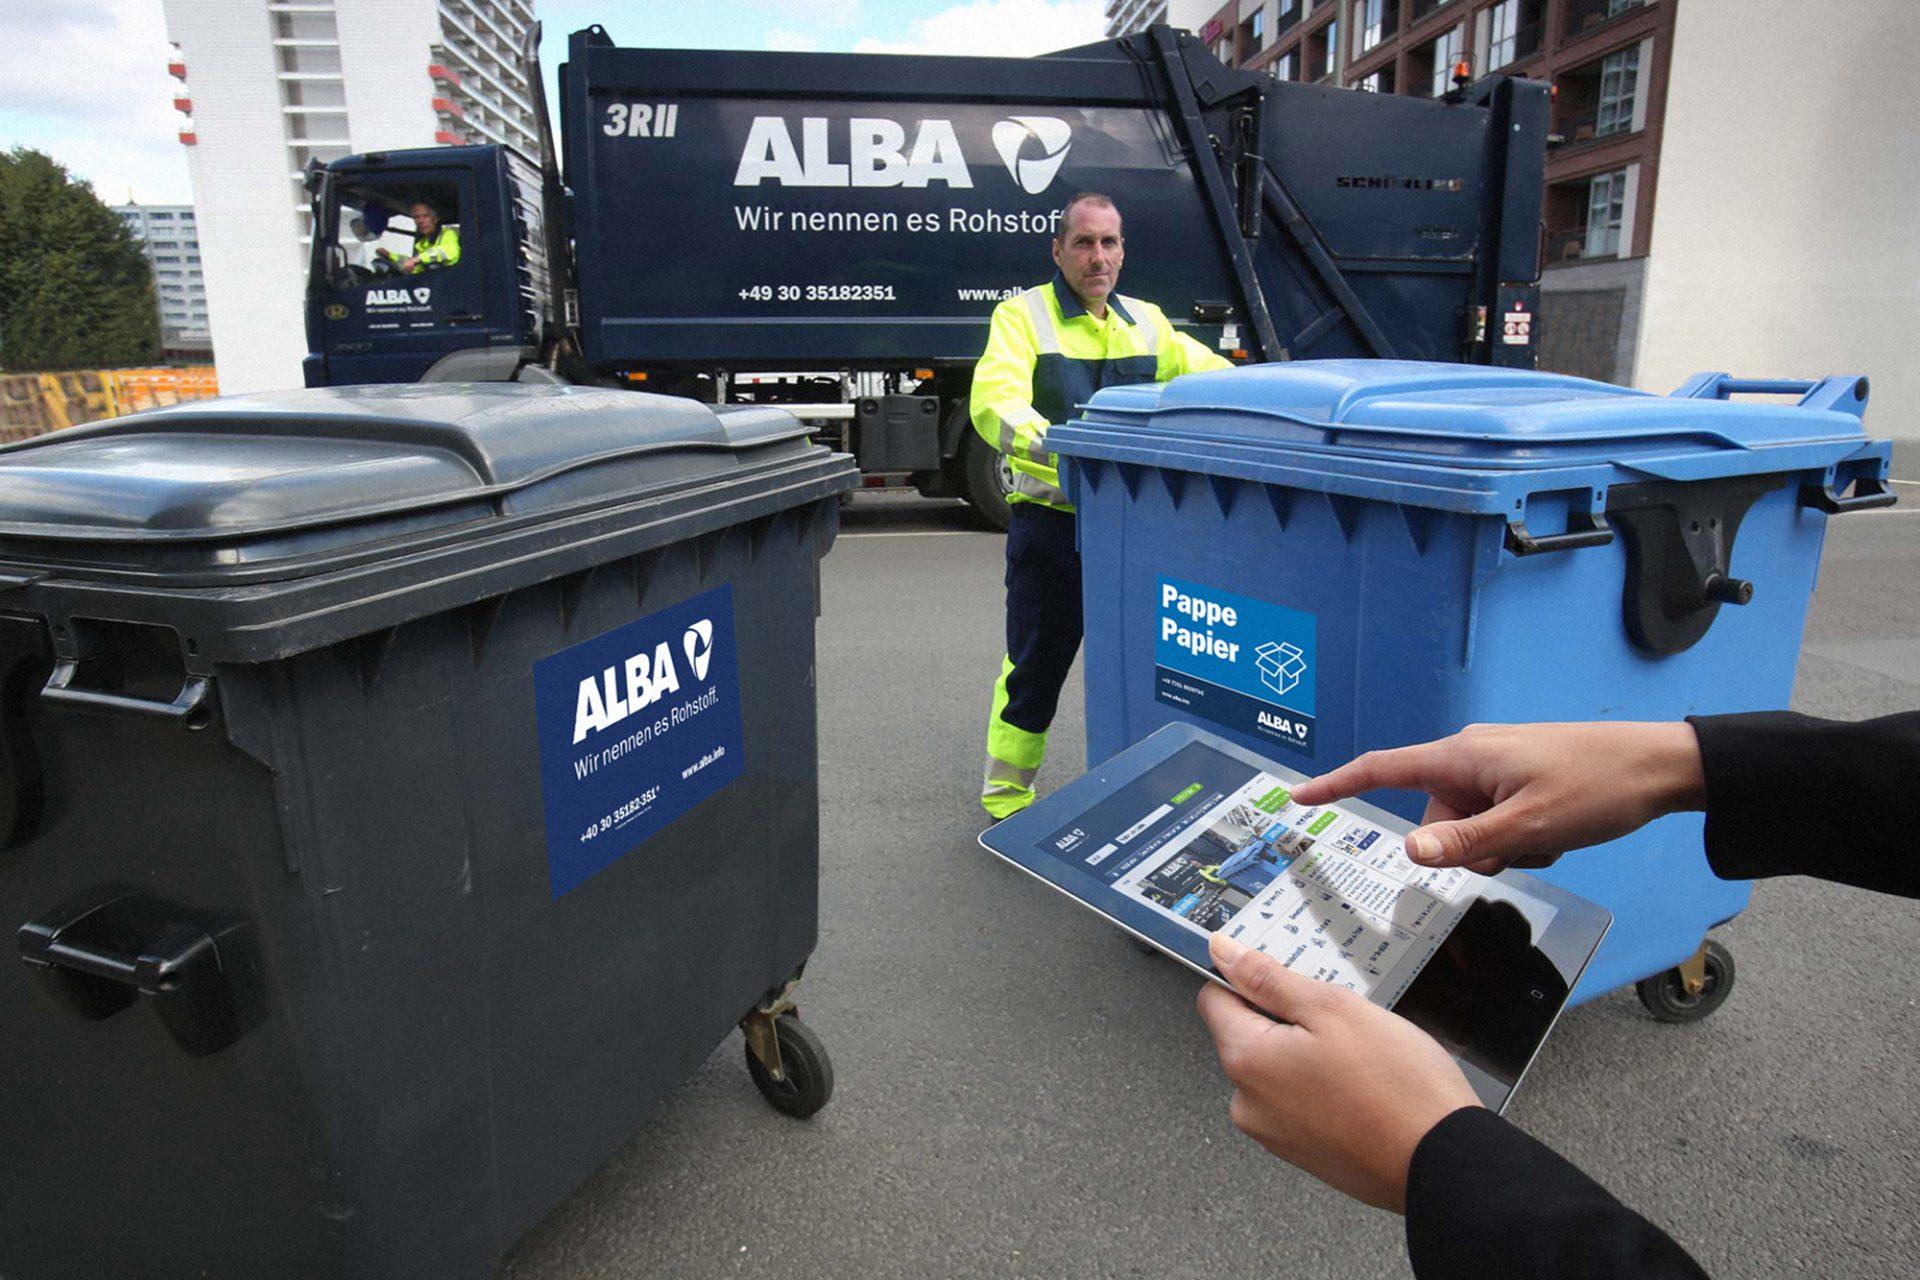 Entsorgung von Müll: Die Marke ALBA auf der Straße und auf dem iPad. Corporate Design von Realgestalt